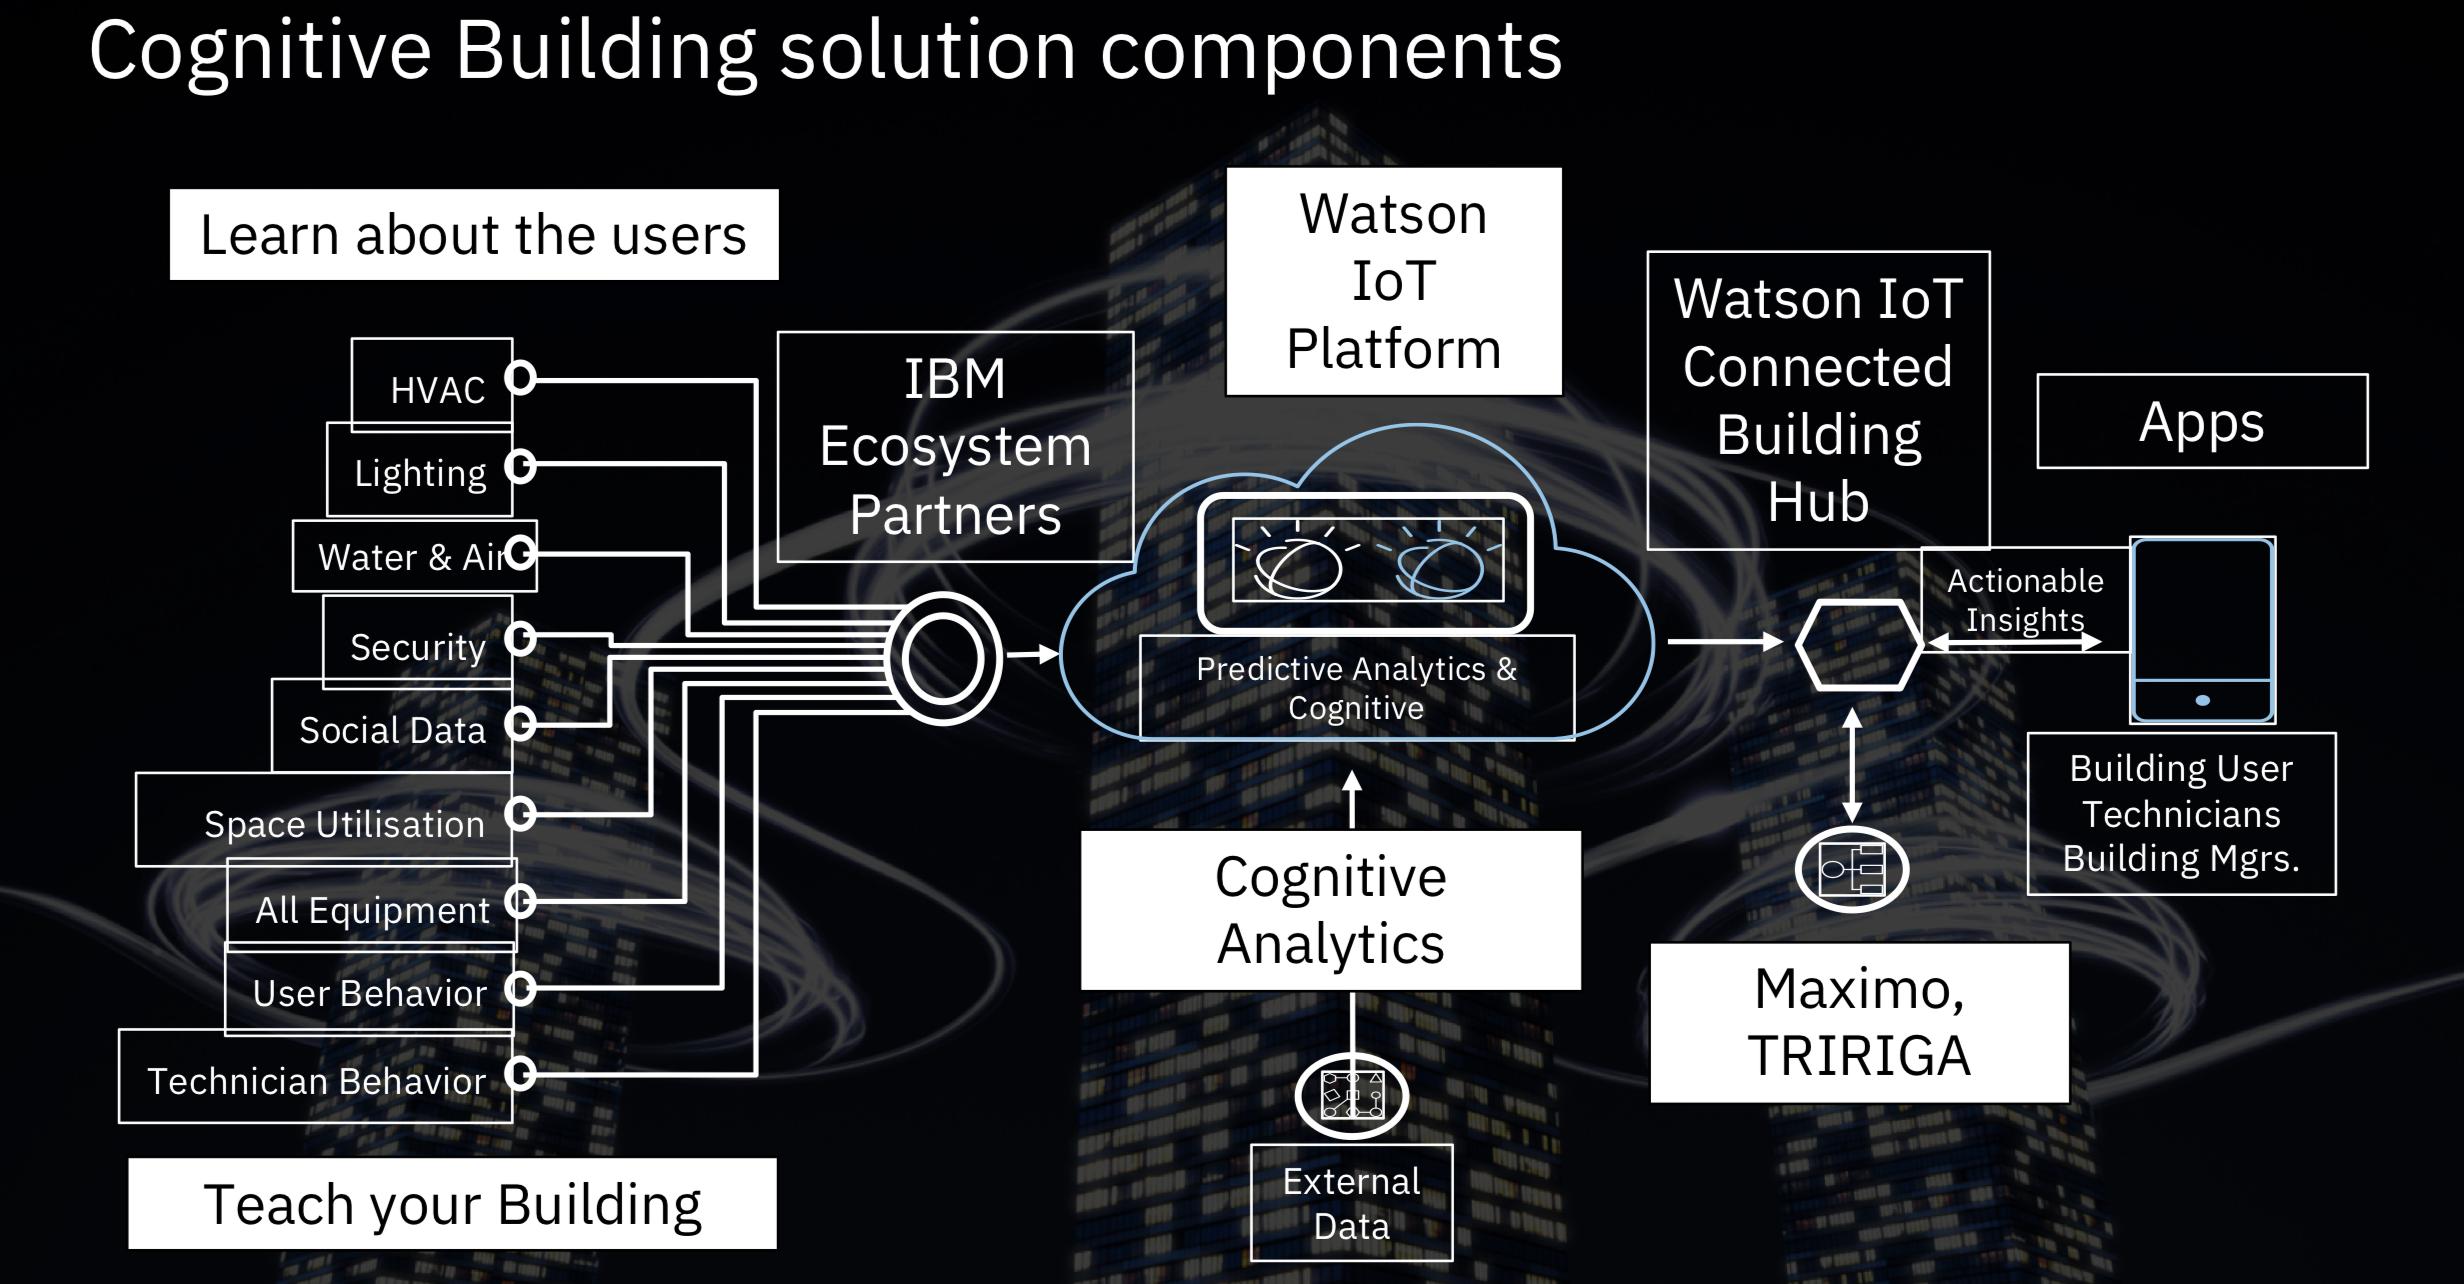 cognitive building solution components